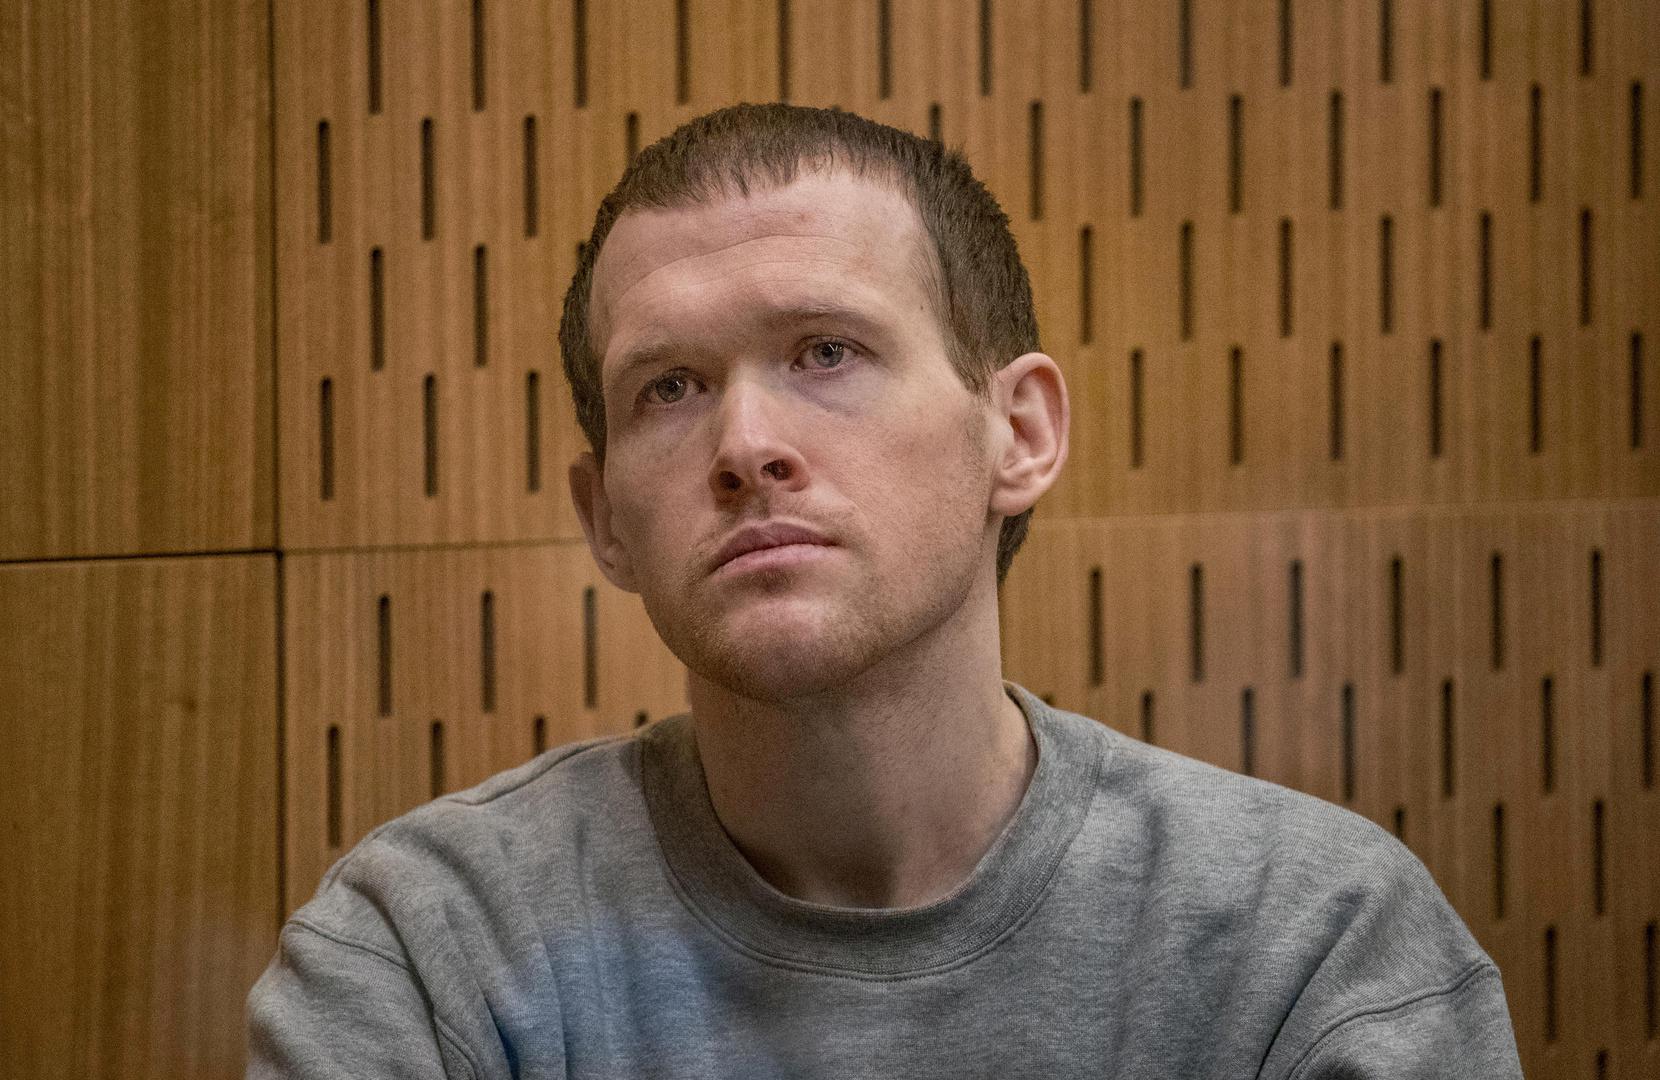 برنتون تارانت، المسلح الذي أطلق النار وقتل المصلين في هجمات مسجد كرايست تشيرش، نيوزلندا